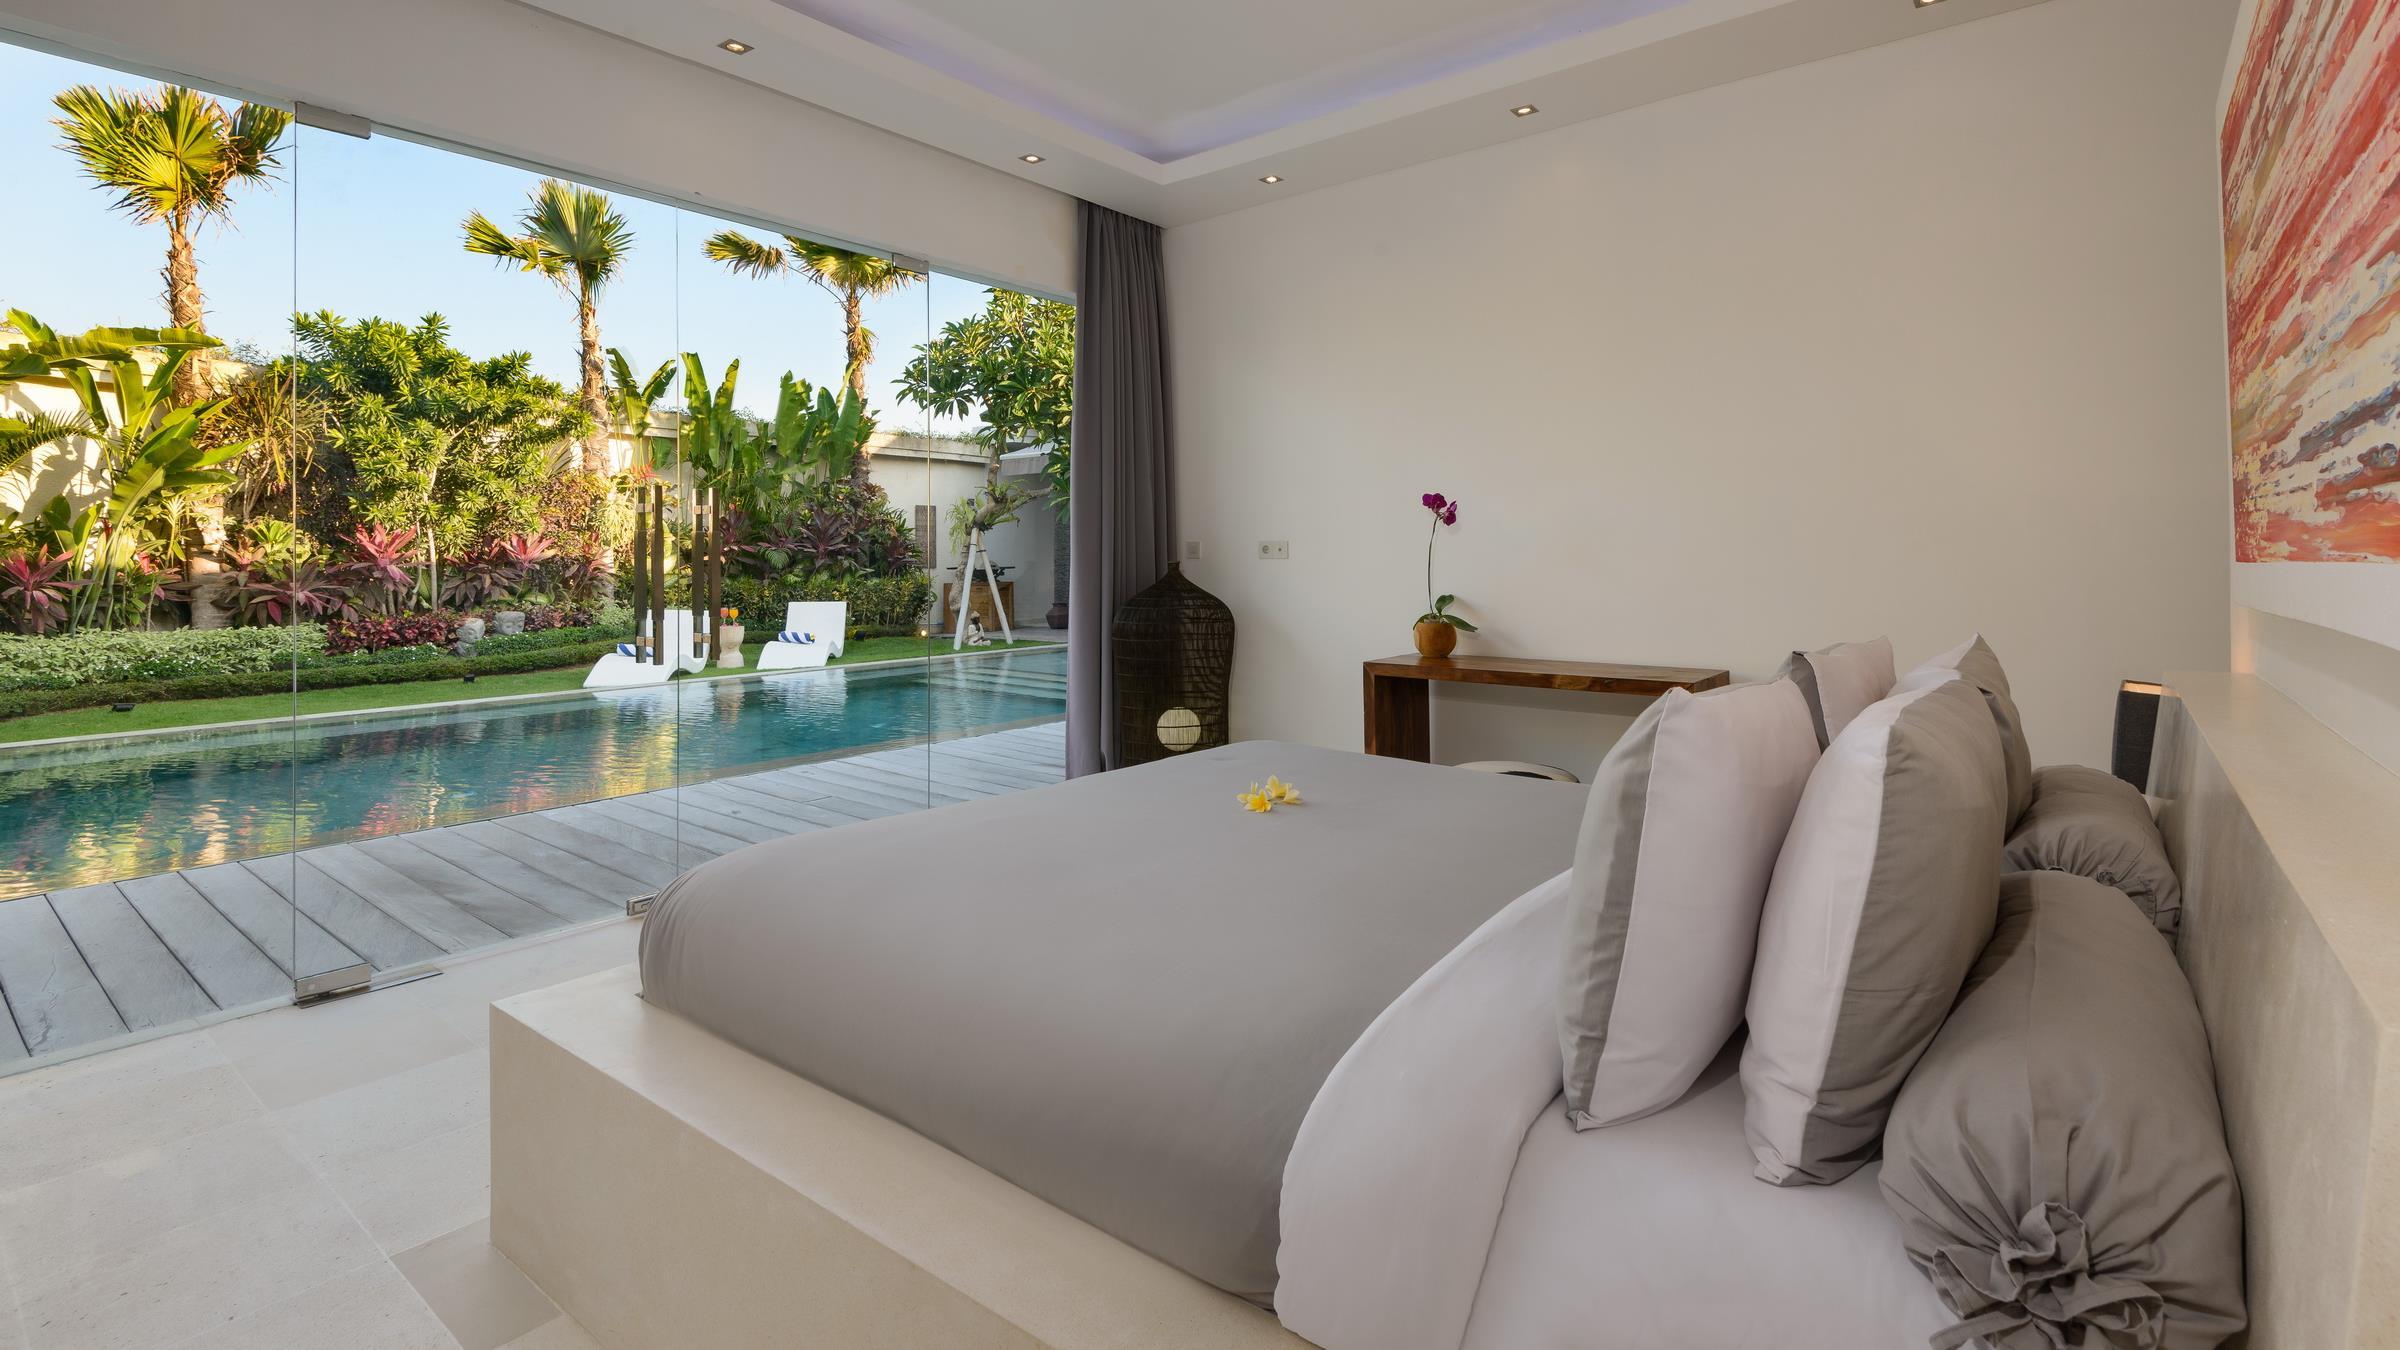 Bedroom with Outdoor View - Villa Kyah - Seminyak, Bali